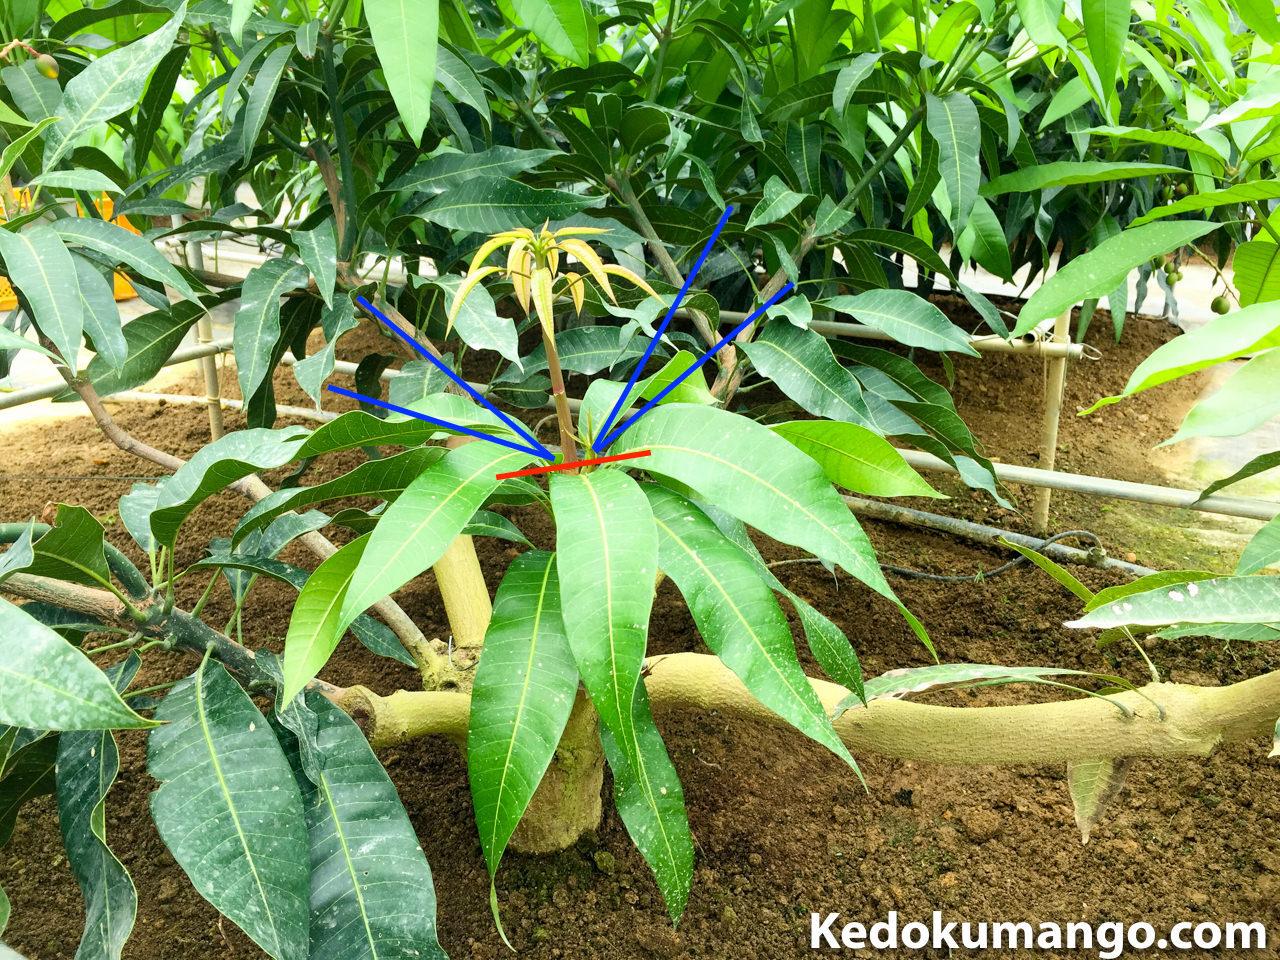 マンゴーの樹の剪定箇所を記した写真